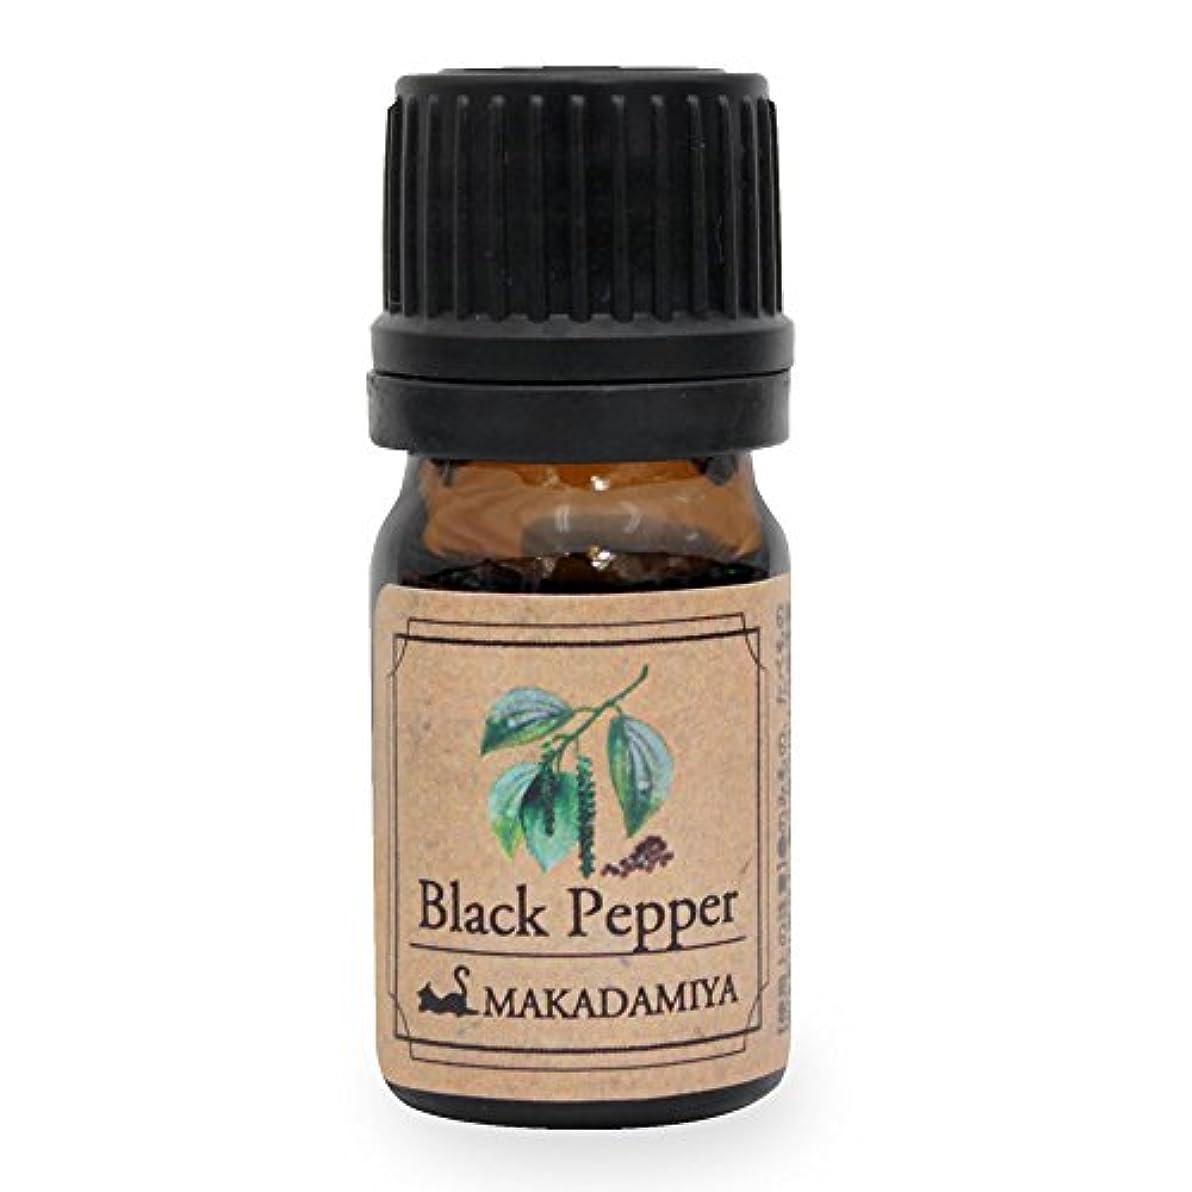 呼吸作物間に合わせブラックペッパー5ml 天然100%植物性 エッセンシャルオイル(精油) アロマオイル アロママッサージ aroma Black Pepper